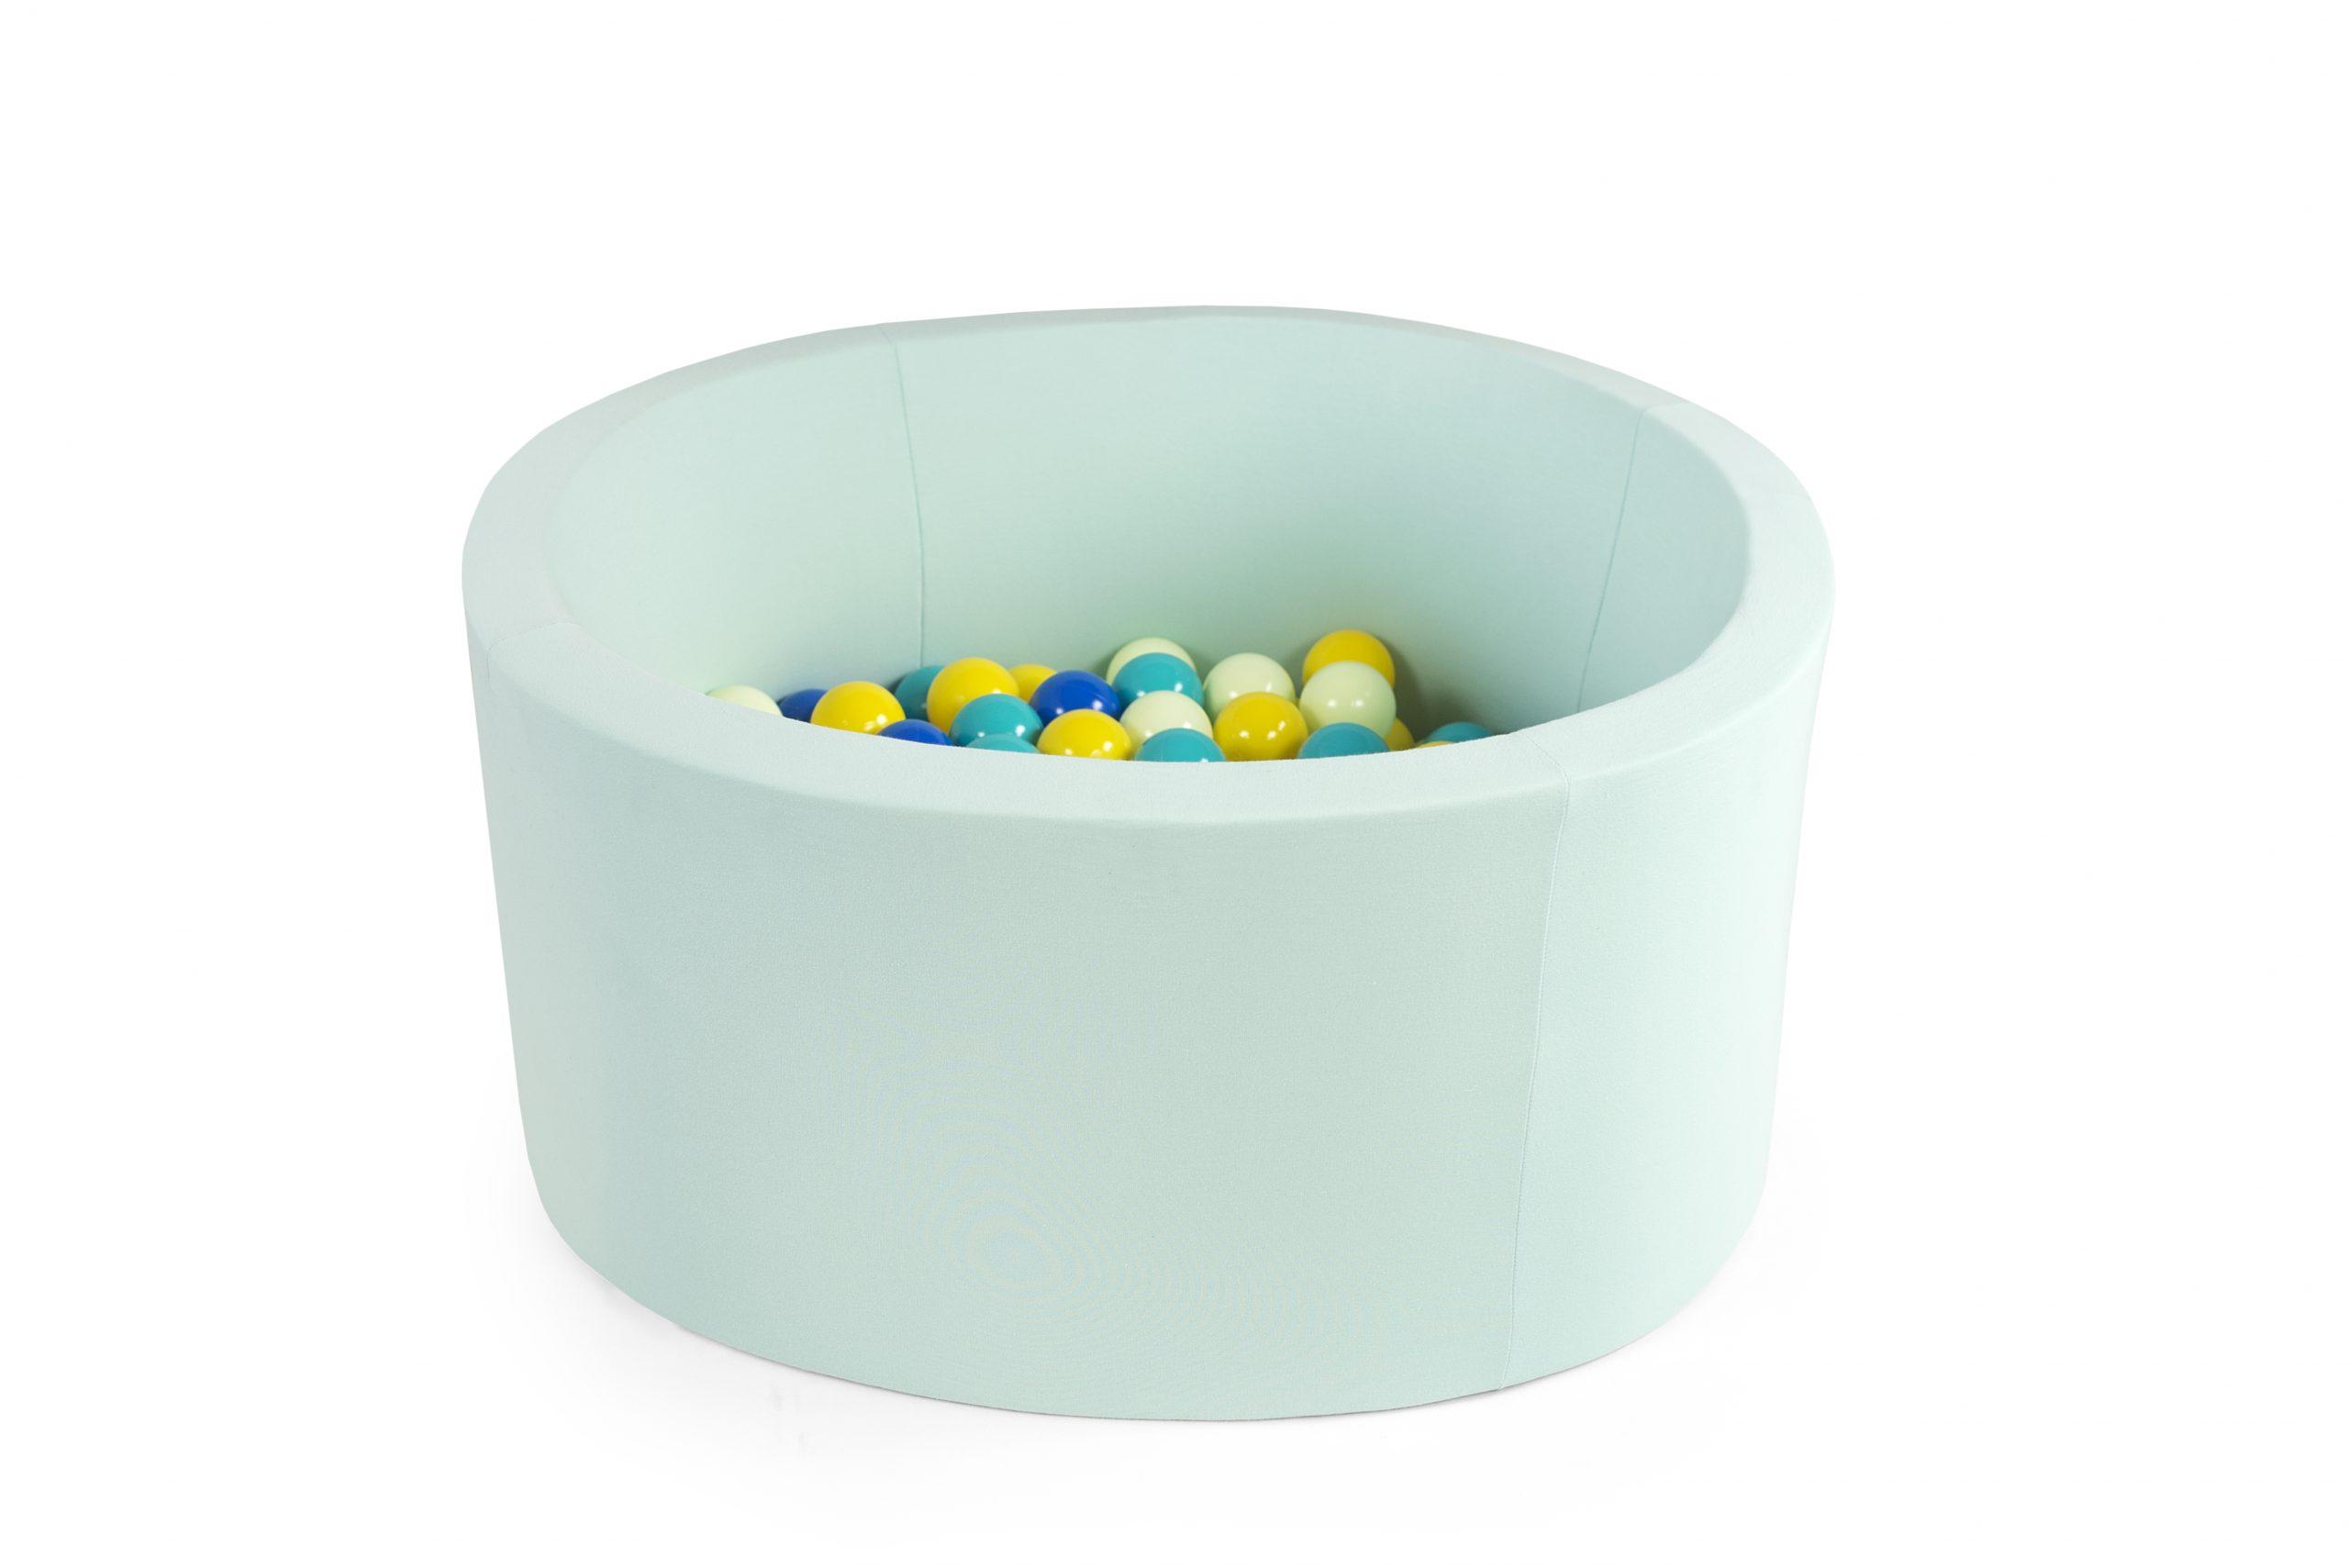 Vente De Piscine À Balles 90*40 À Personnaliser Pour Bébés ... dedans Piscine A Balle En Mousse